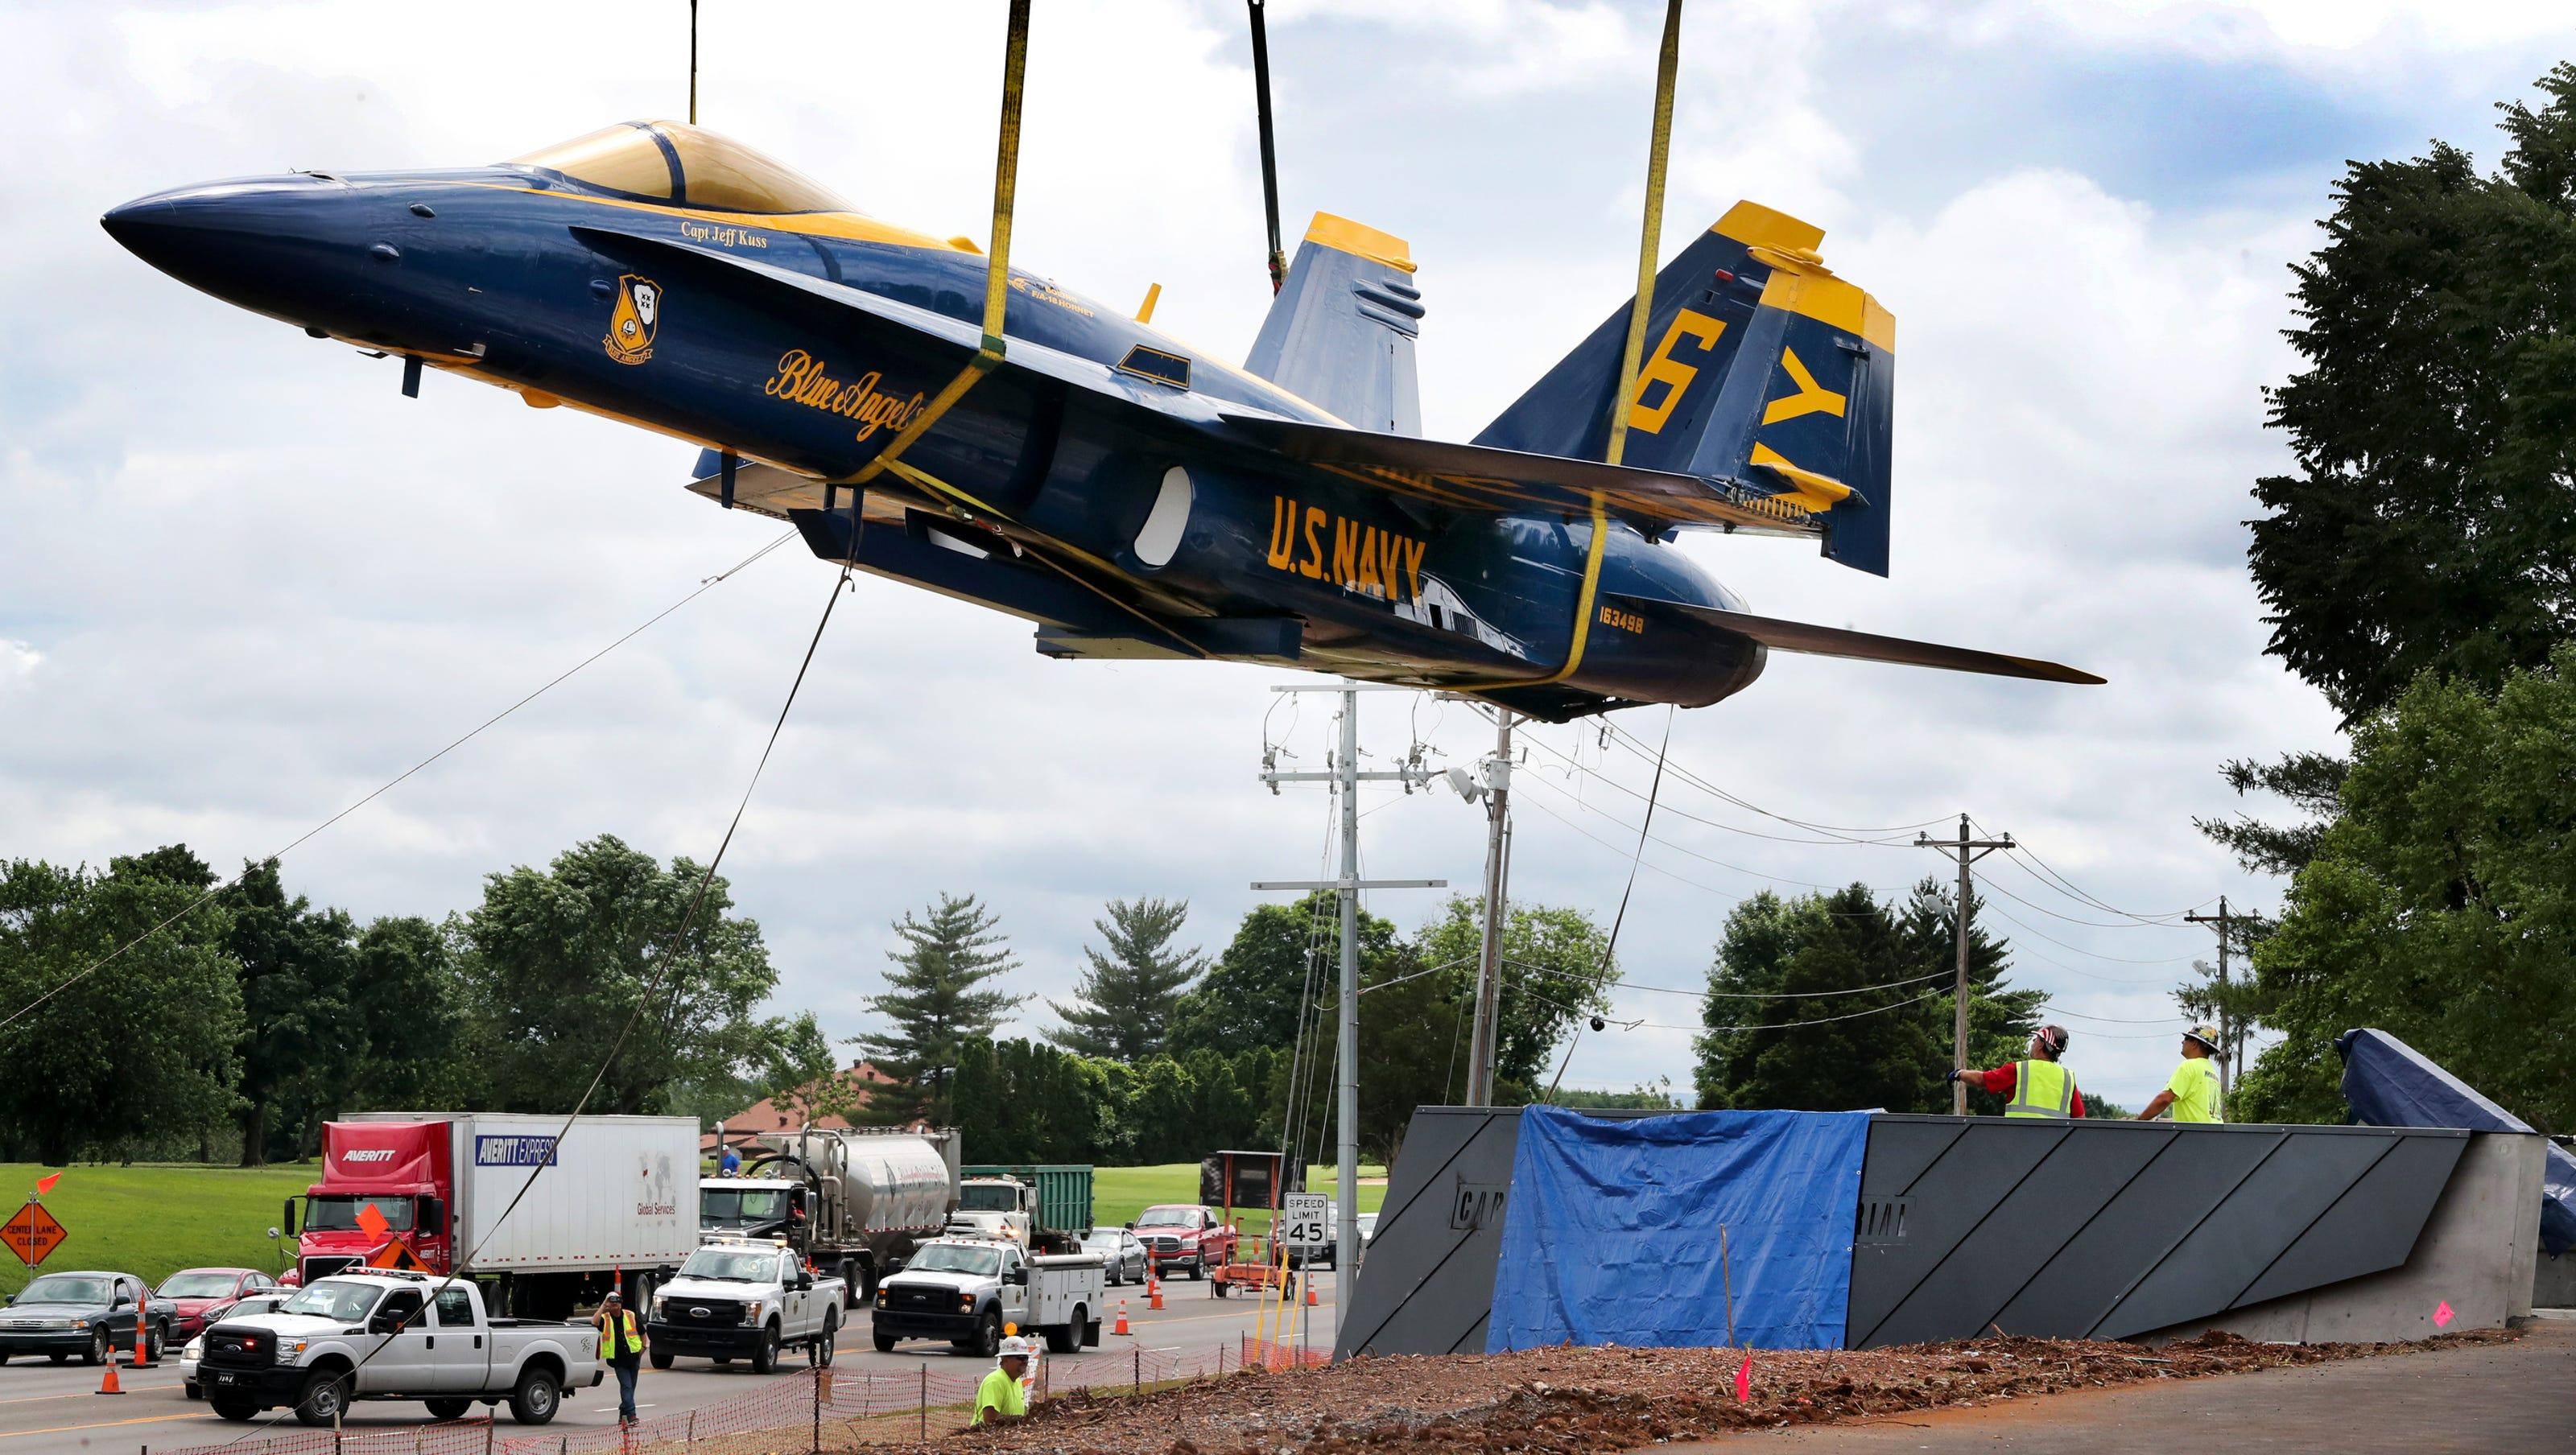 blue angel memorial: smyrna a step closer to healing after 2016 crash